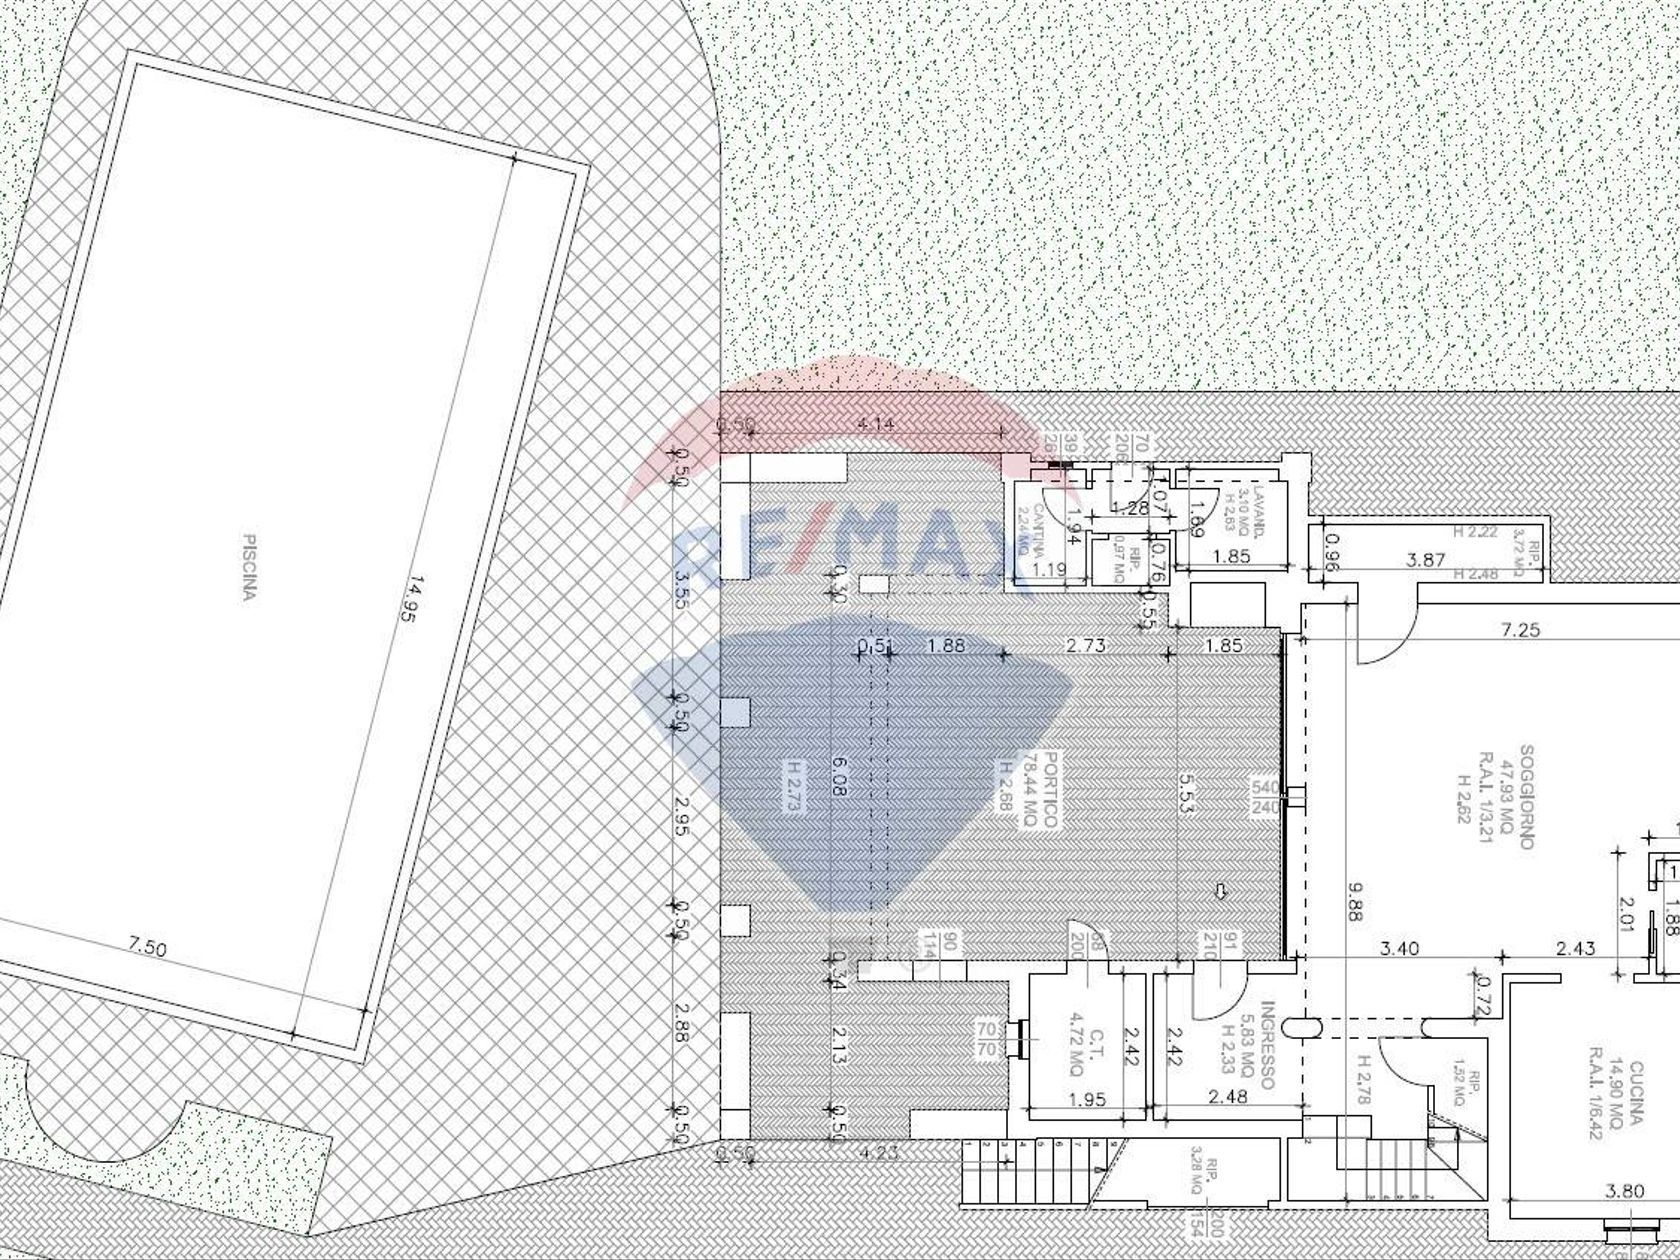 Villa singola Lugana, Sirmione, BS Vendita - Planimetria 1